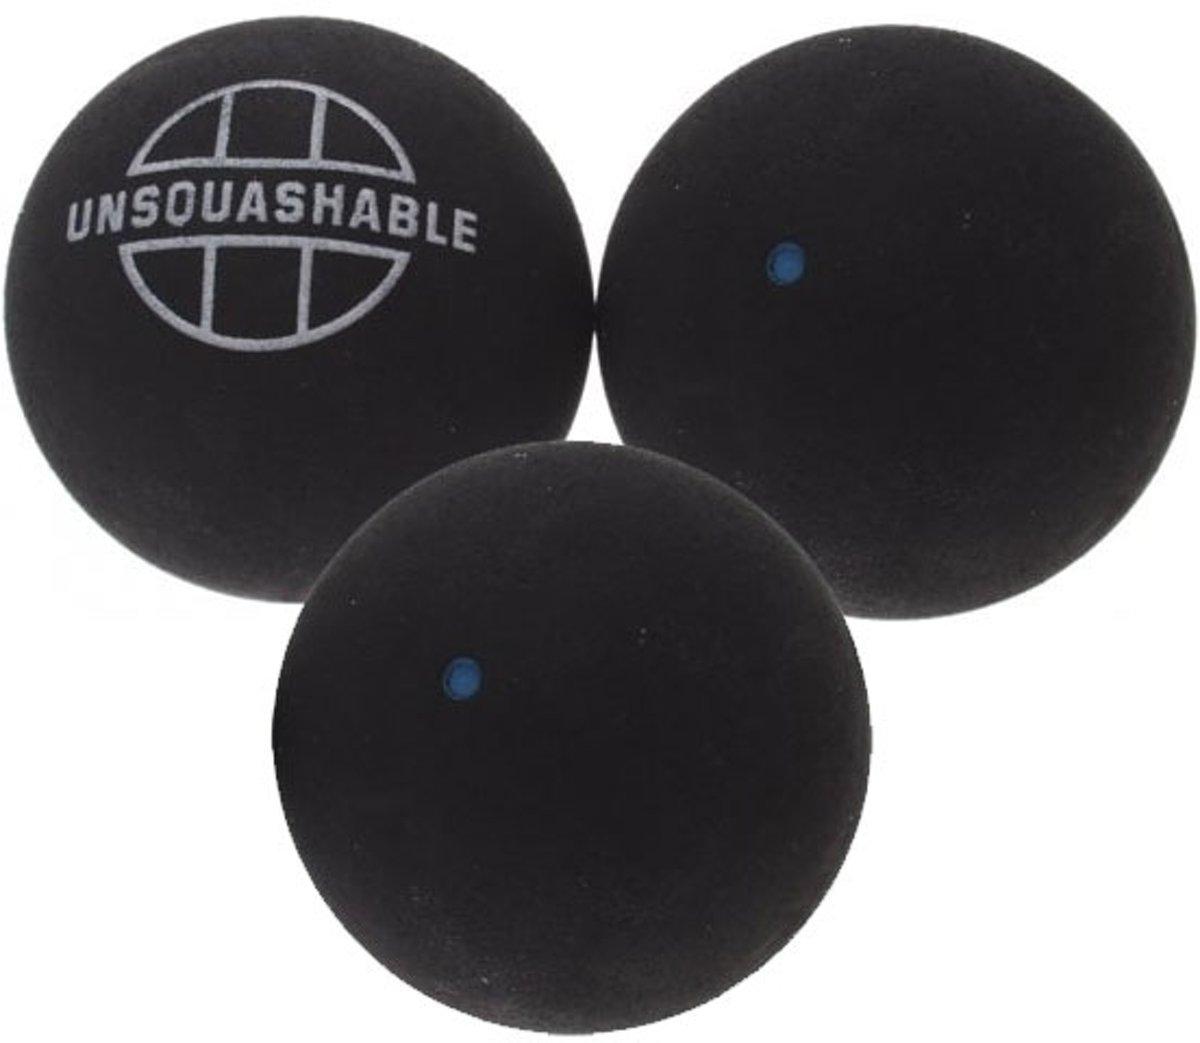 3 squashballen blauwe stip van unsquashable